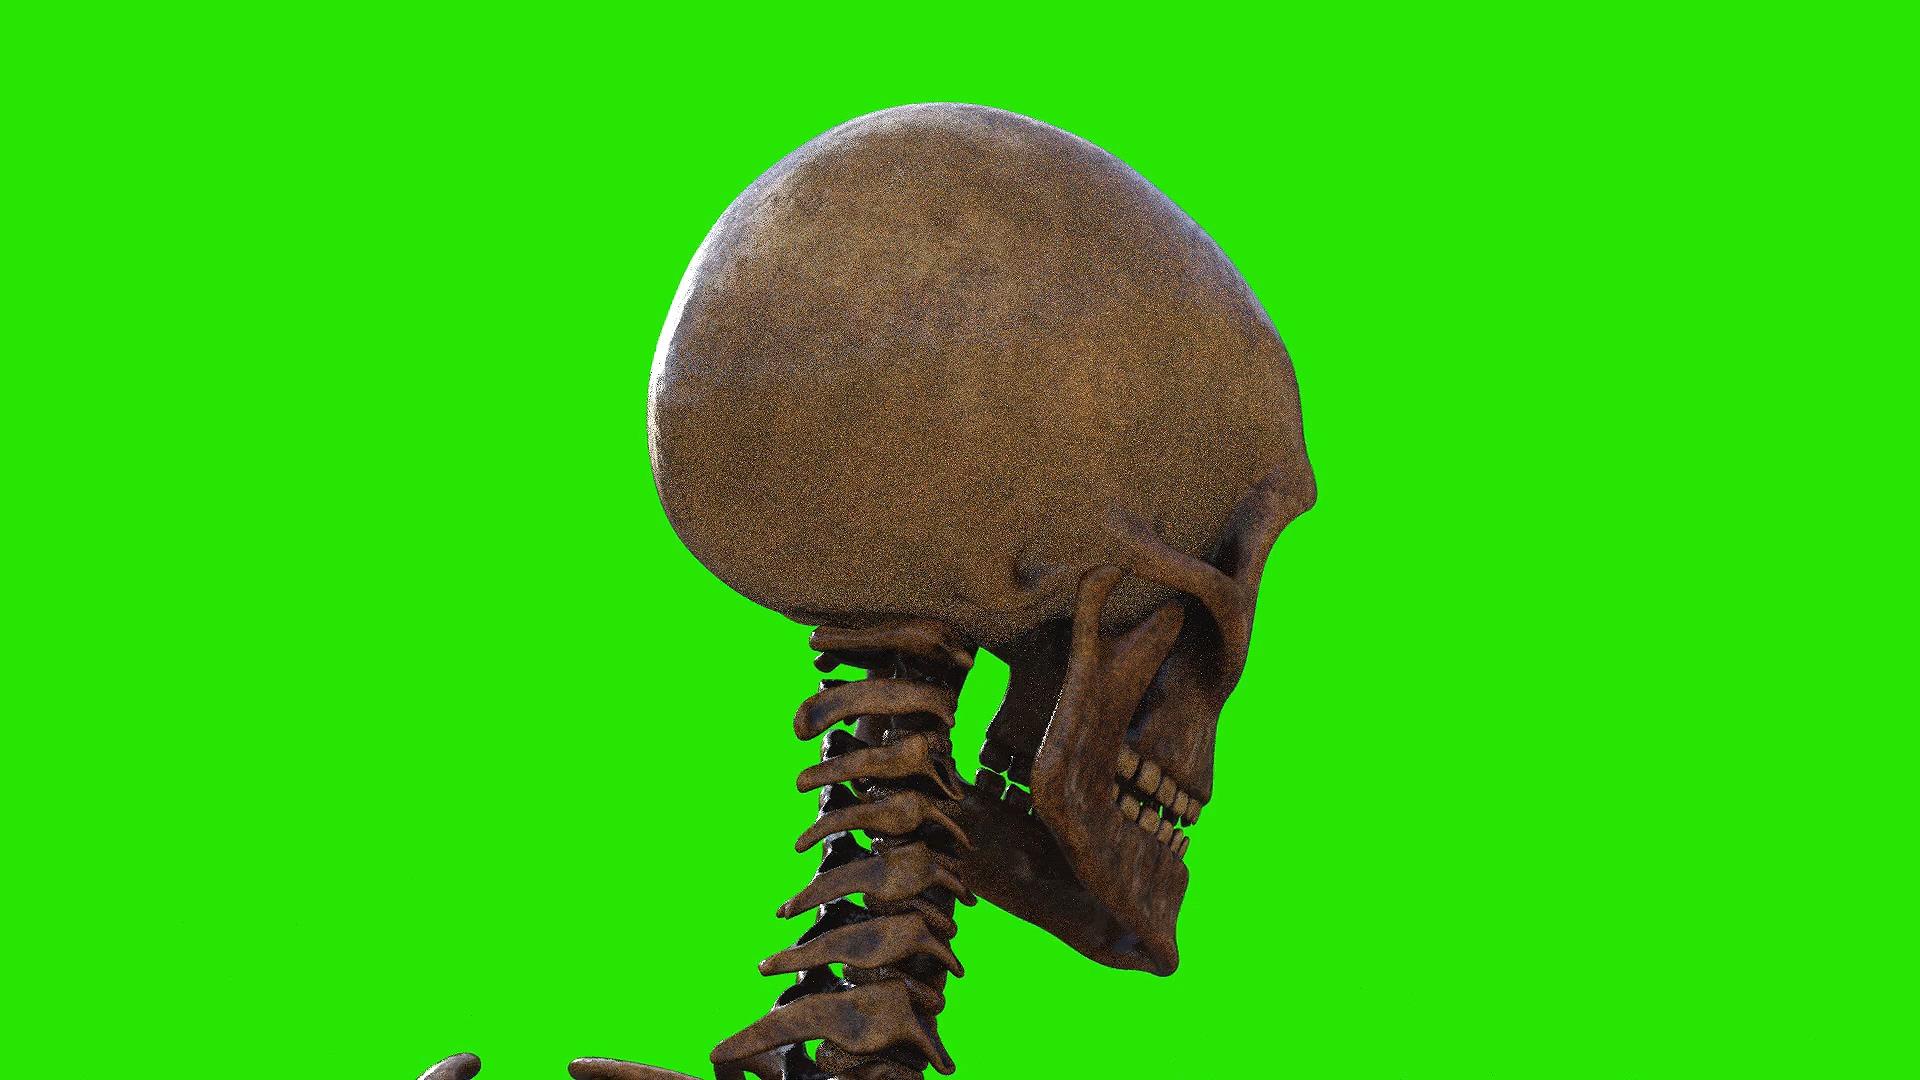 绿屏抠像人体头骨骷髅